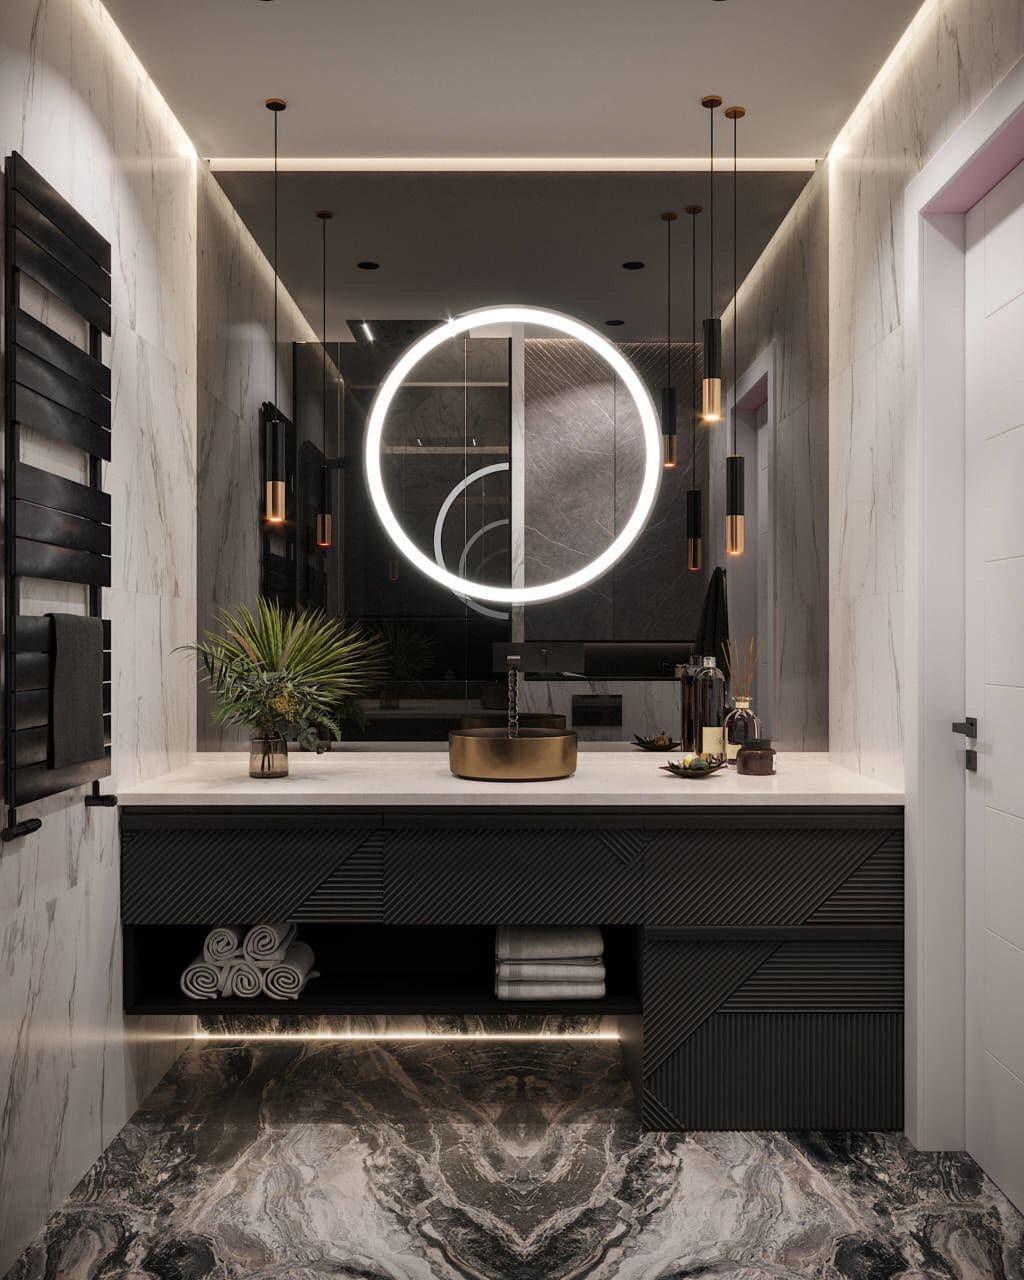 Зеркало с подсветкой в ванной комнате и облицовкой мрамором.